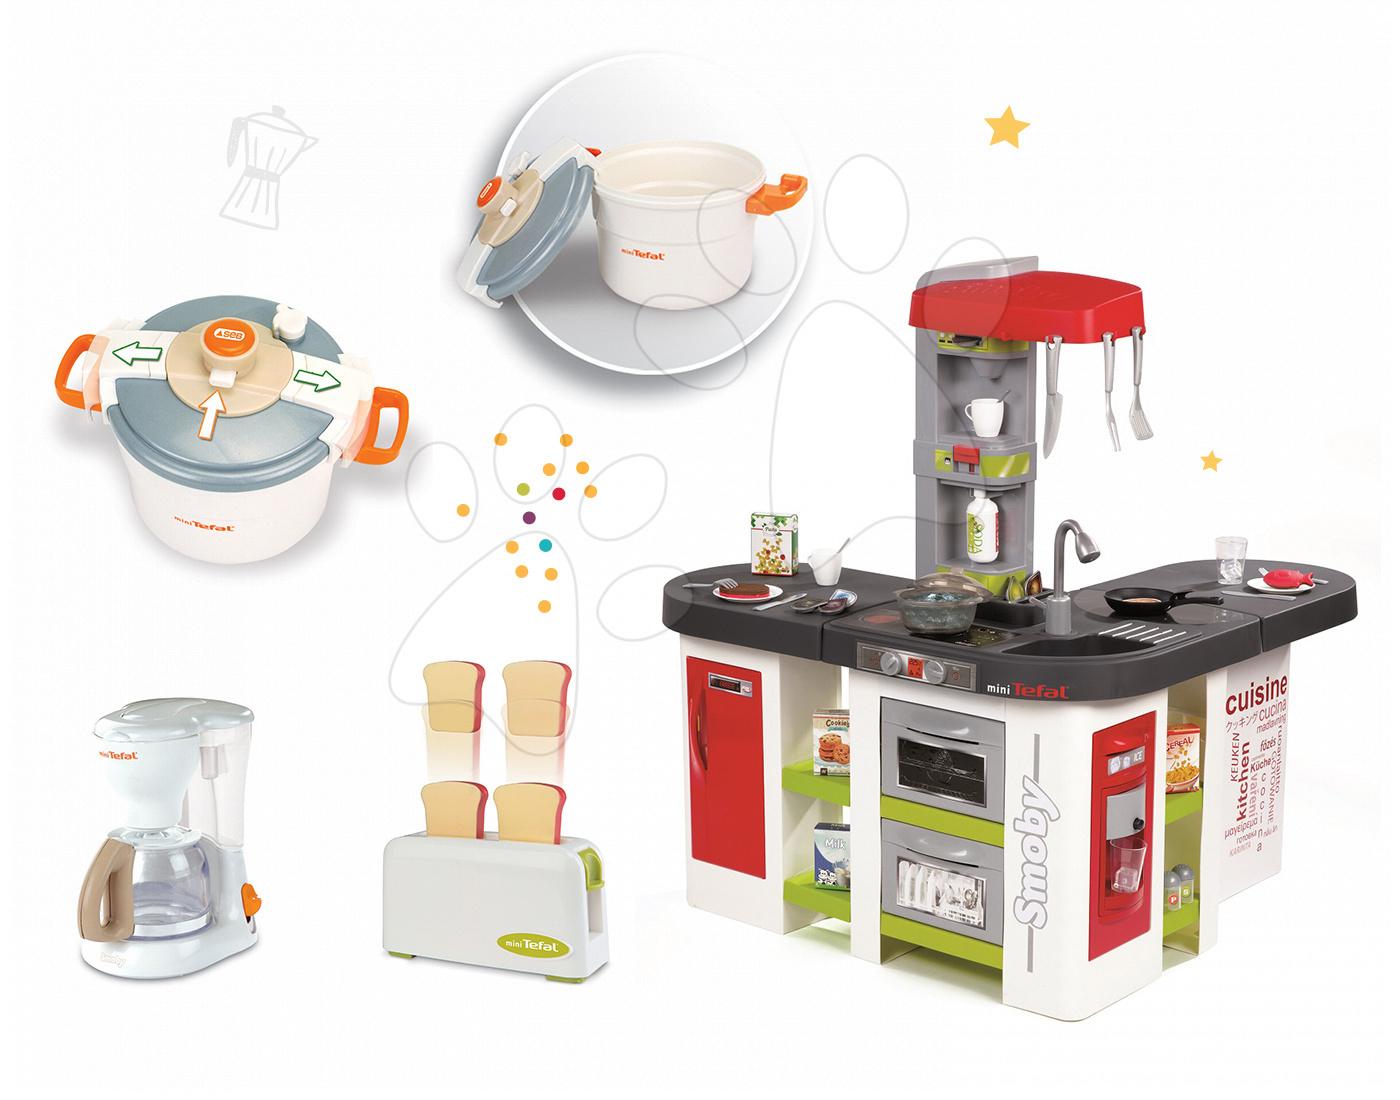 Set kuchyňka pro děti Tefal Studio XXL Smoby elektronická s magickým bubláním a sada 3 kuchyňských spotřebičů Tefal